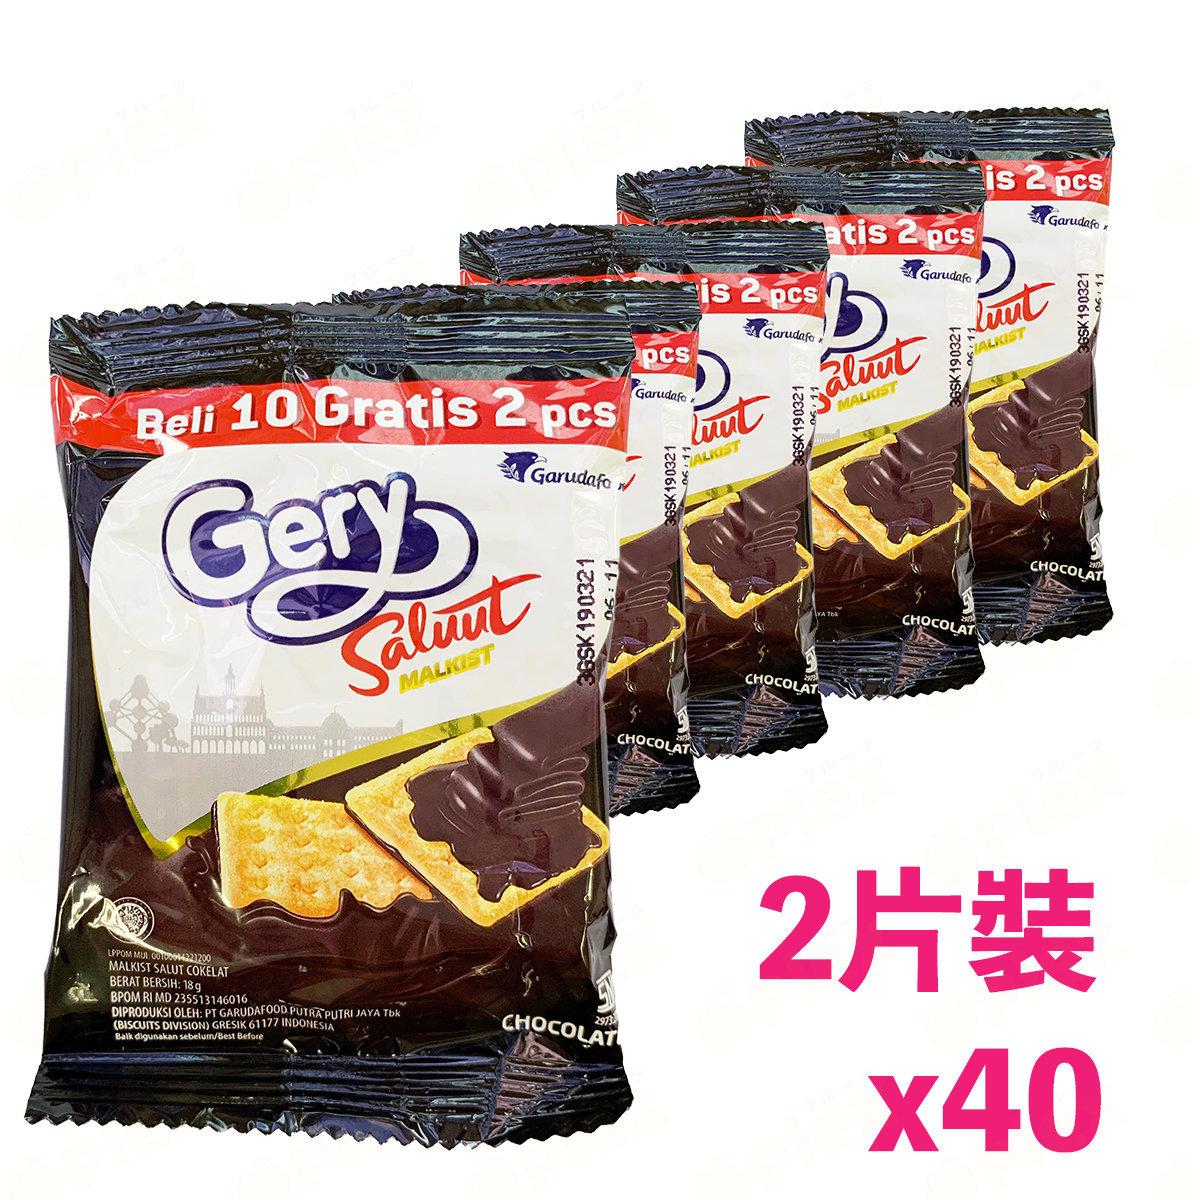 「韓國進口」印尼Gery Saluut 厚醬梳打餅 - 朱古力味 (2片裝) x 40包